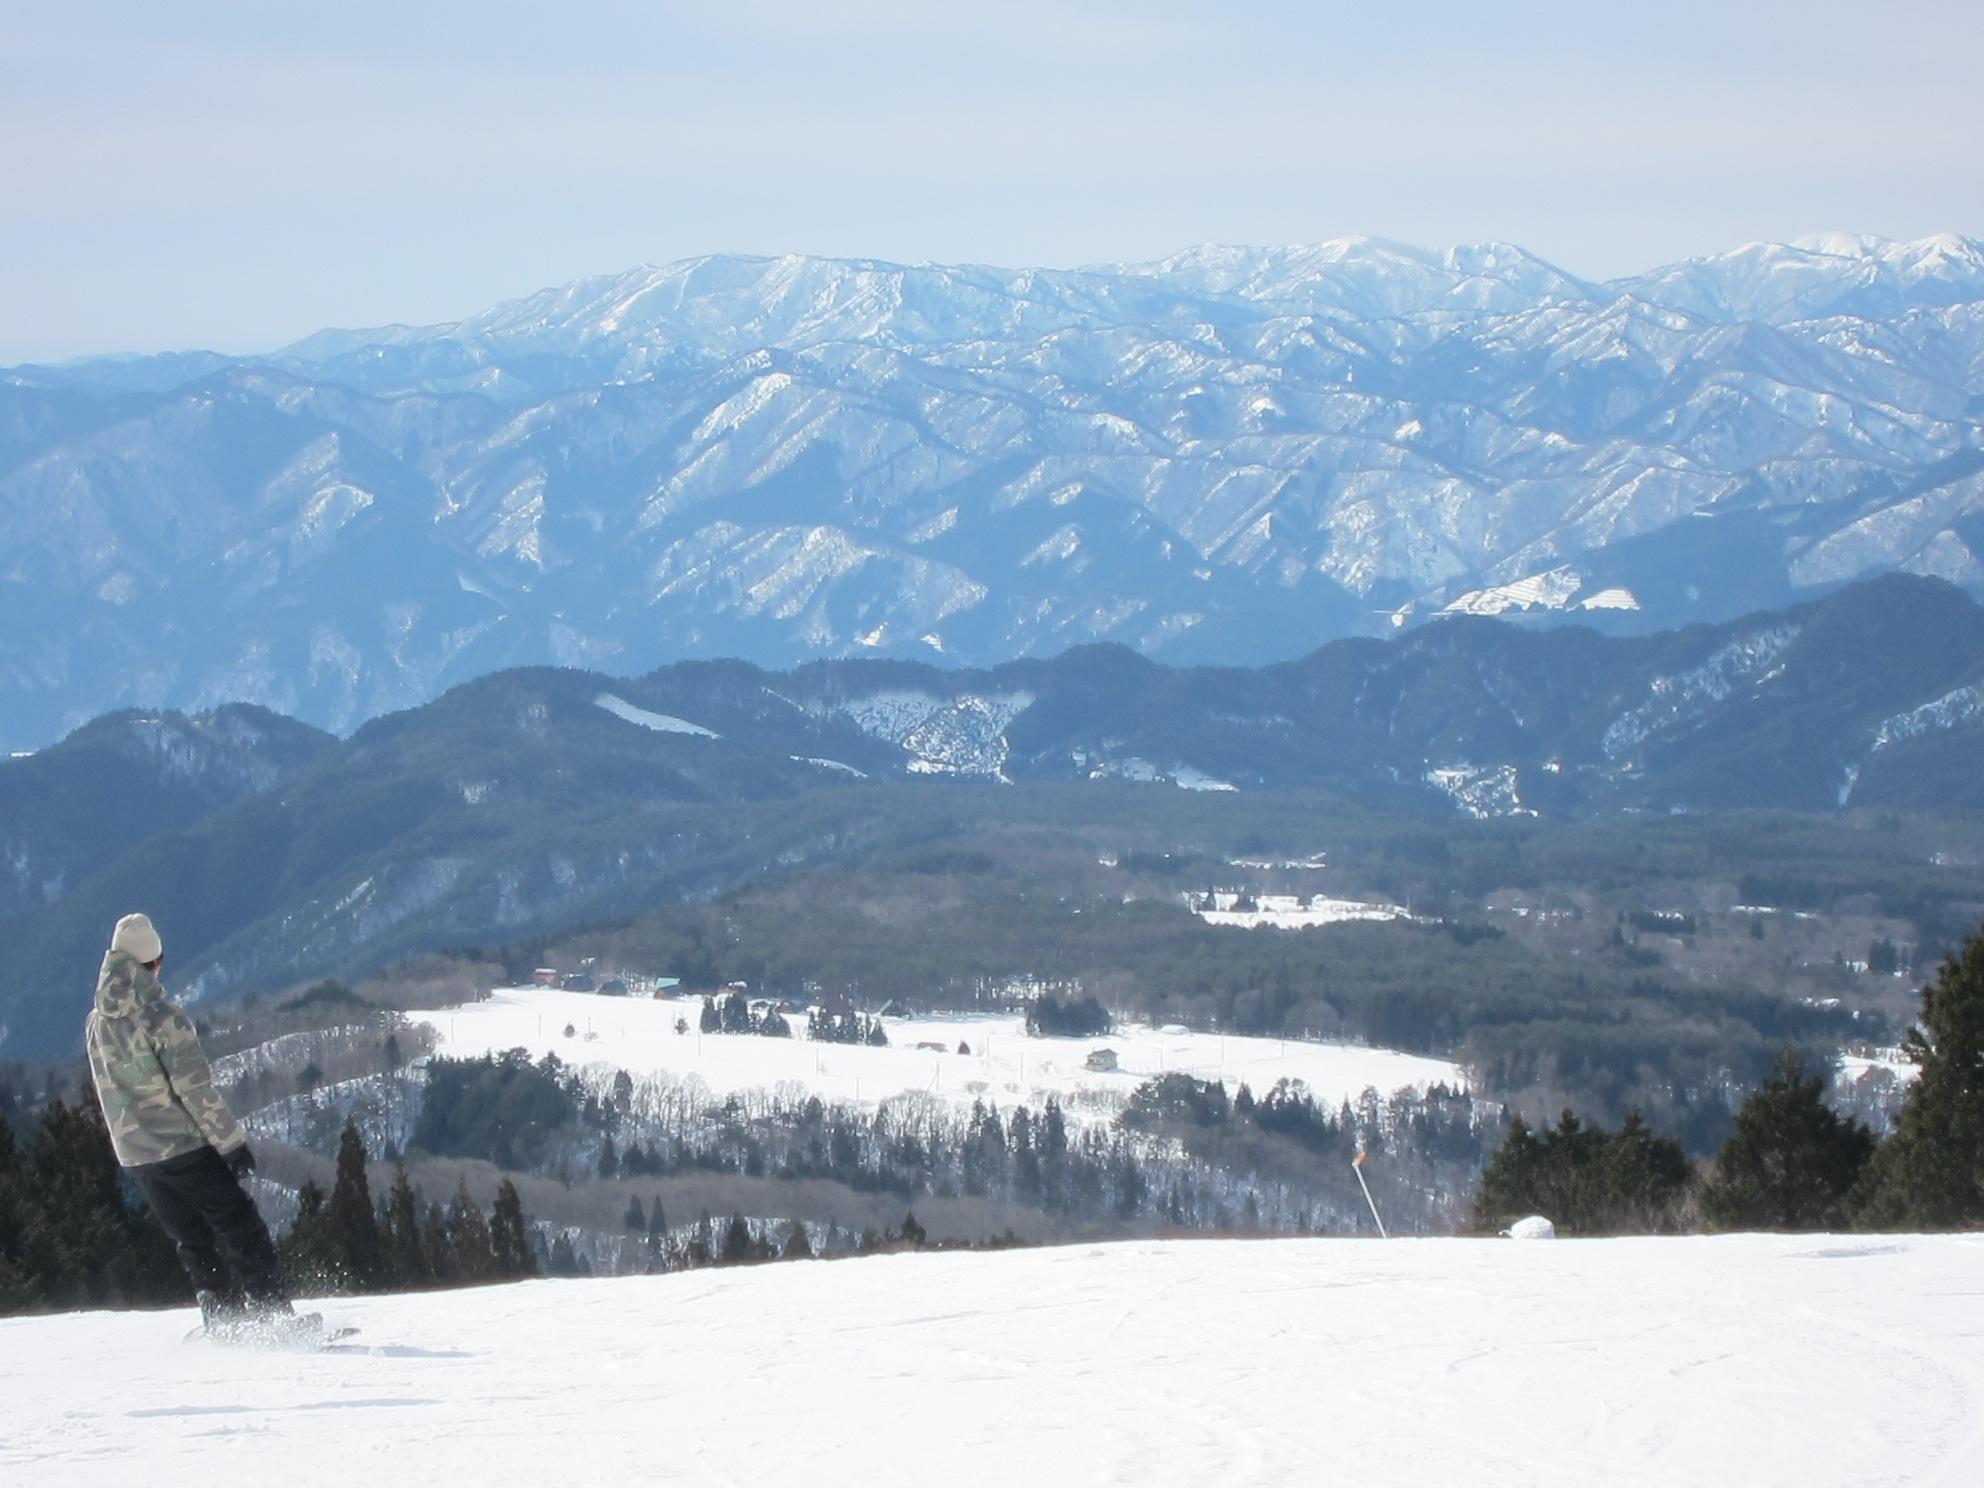 絶景 雪のコンディション絶好